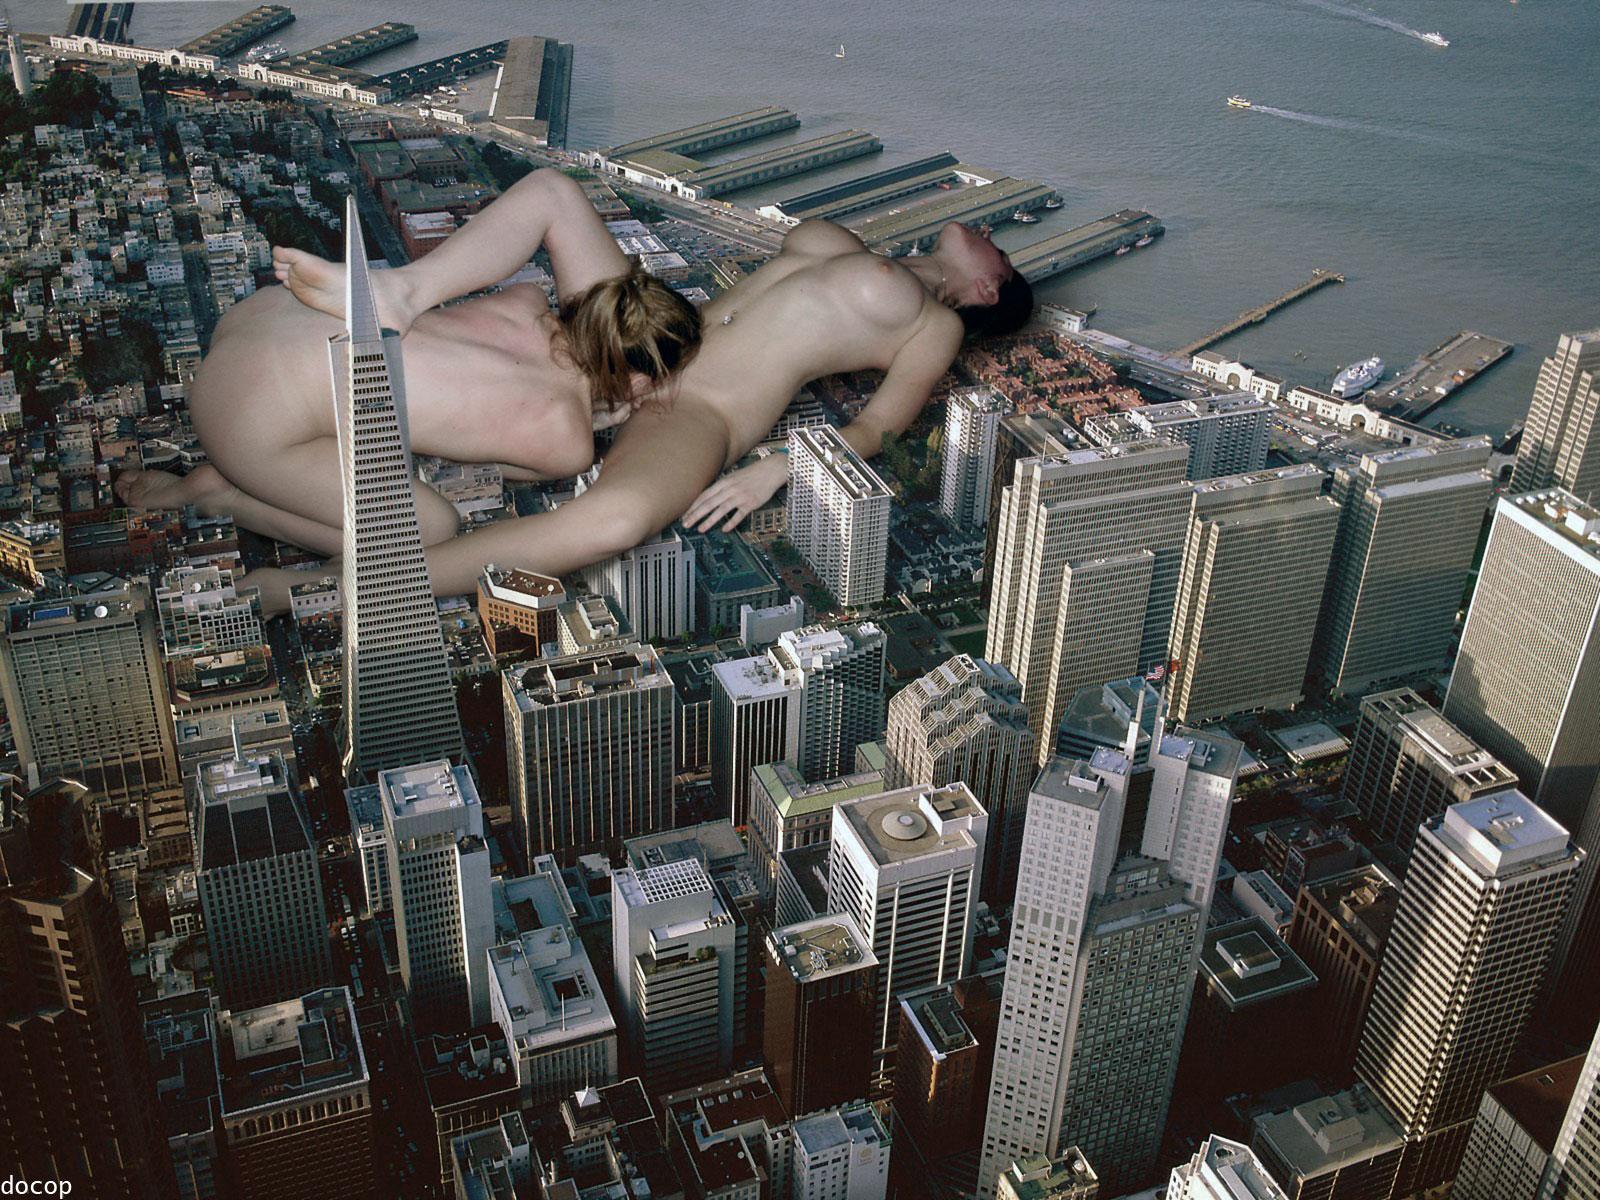 lesbians sex city